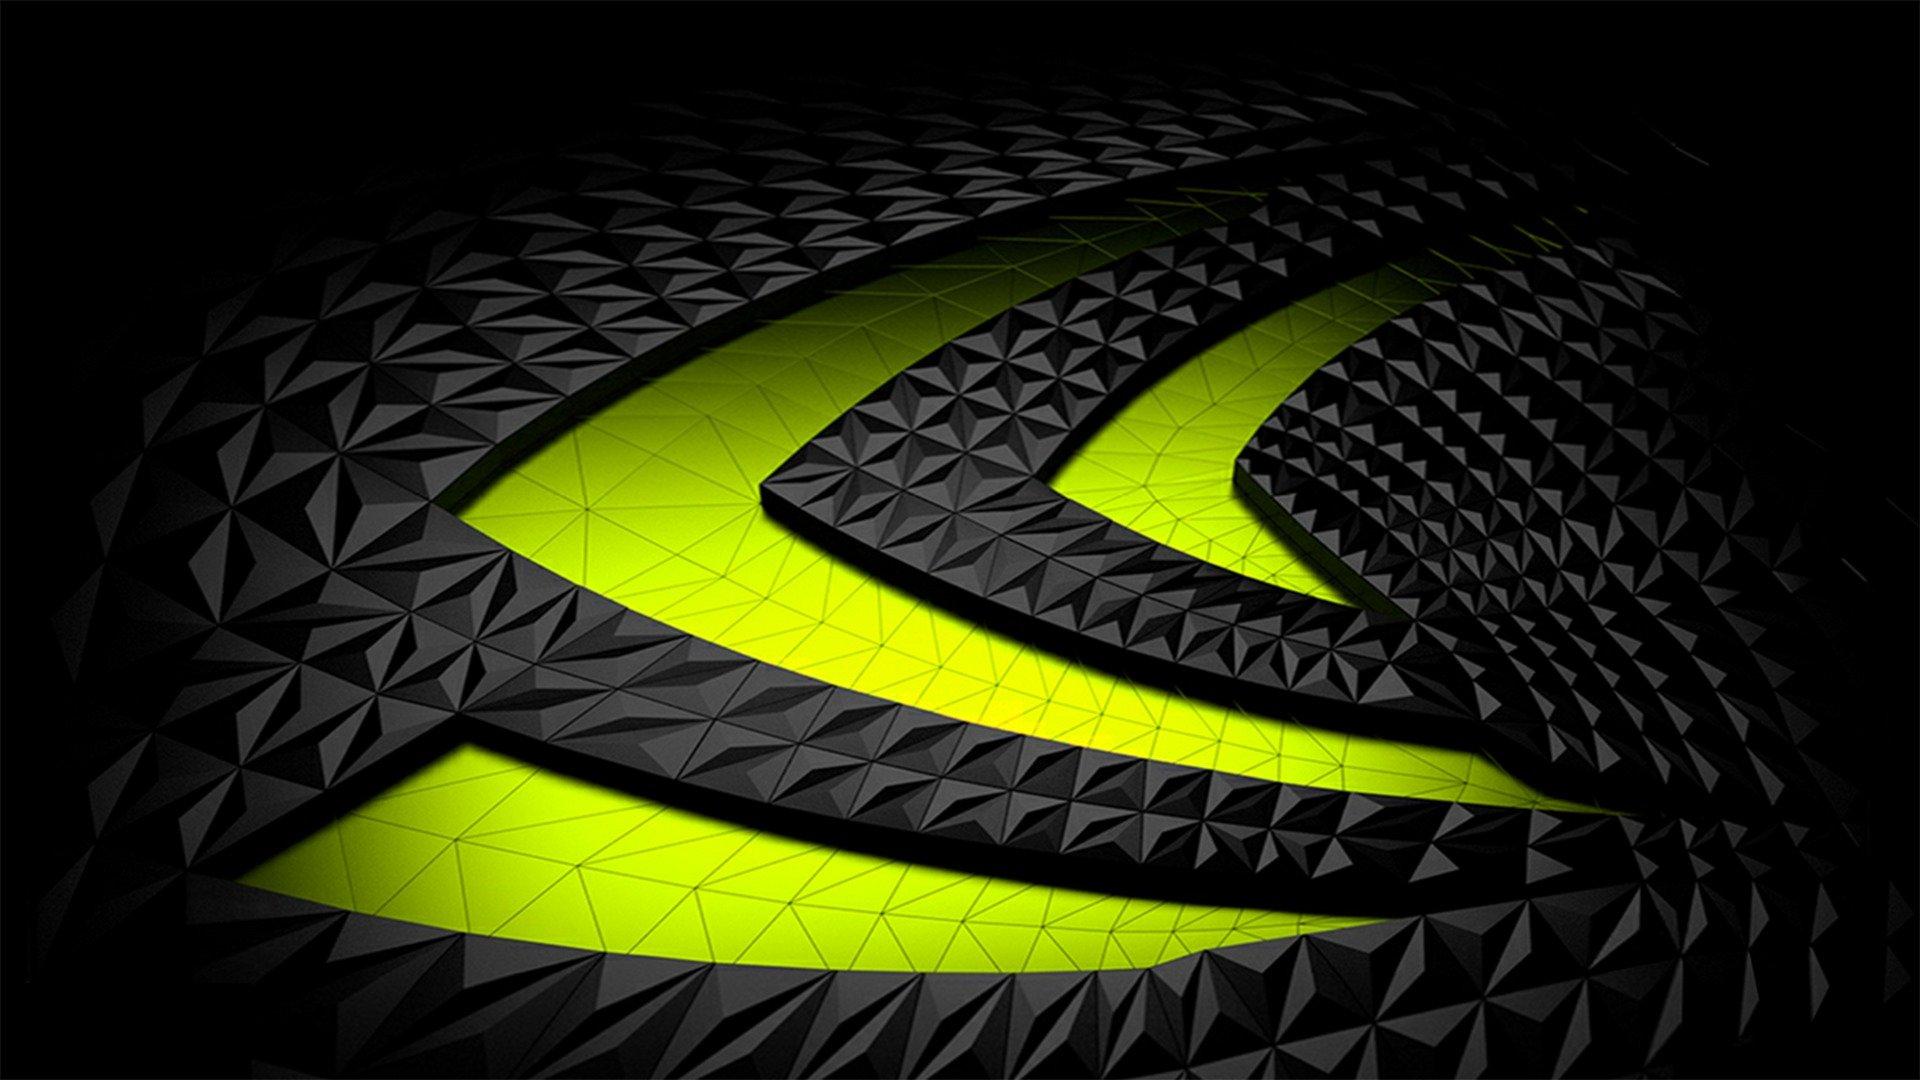 NVIDIA Corporation американская компания один из крупнейших разработчиков графических